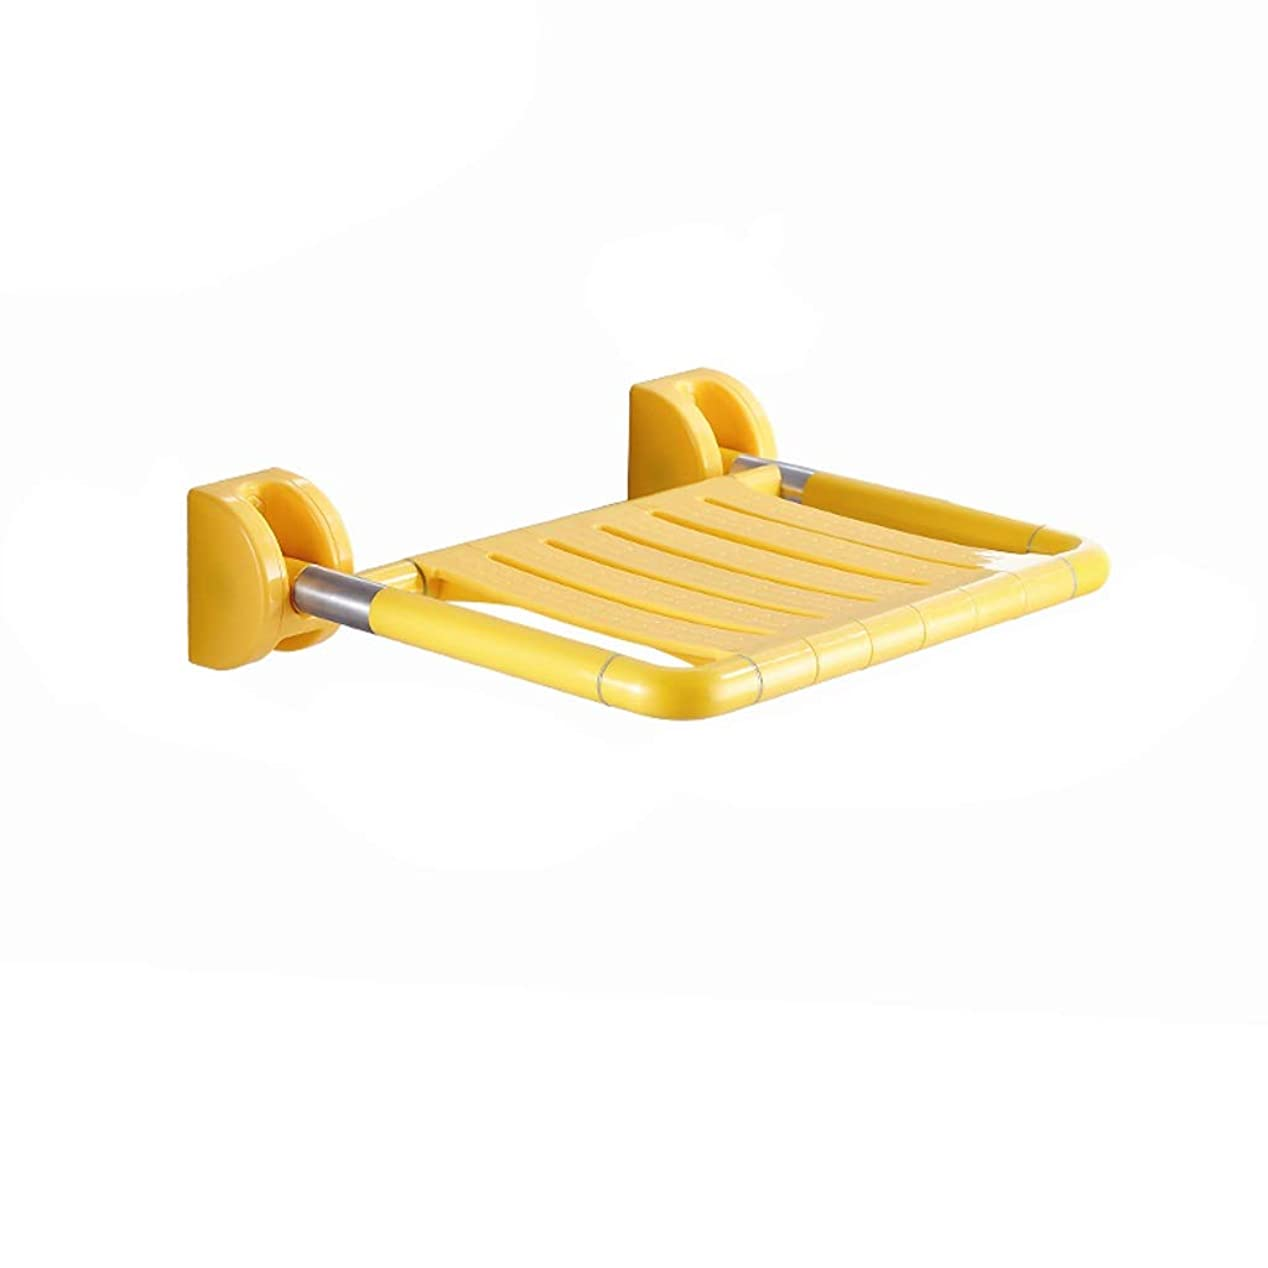 シャワースツール、折りたたみ式ウォールマウントスツール限られた移動性を持つ高齢者に適した入浴補助シート100 KGに耐えることができます。